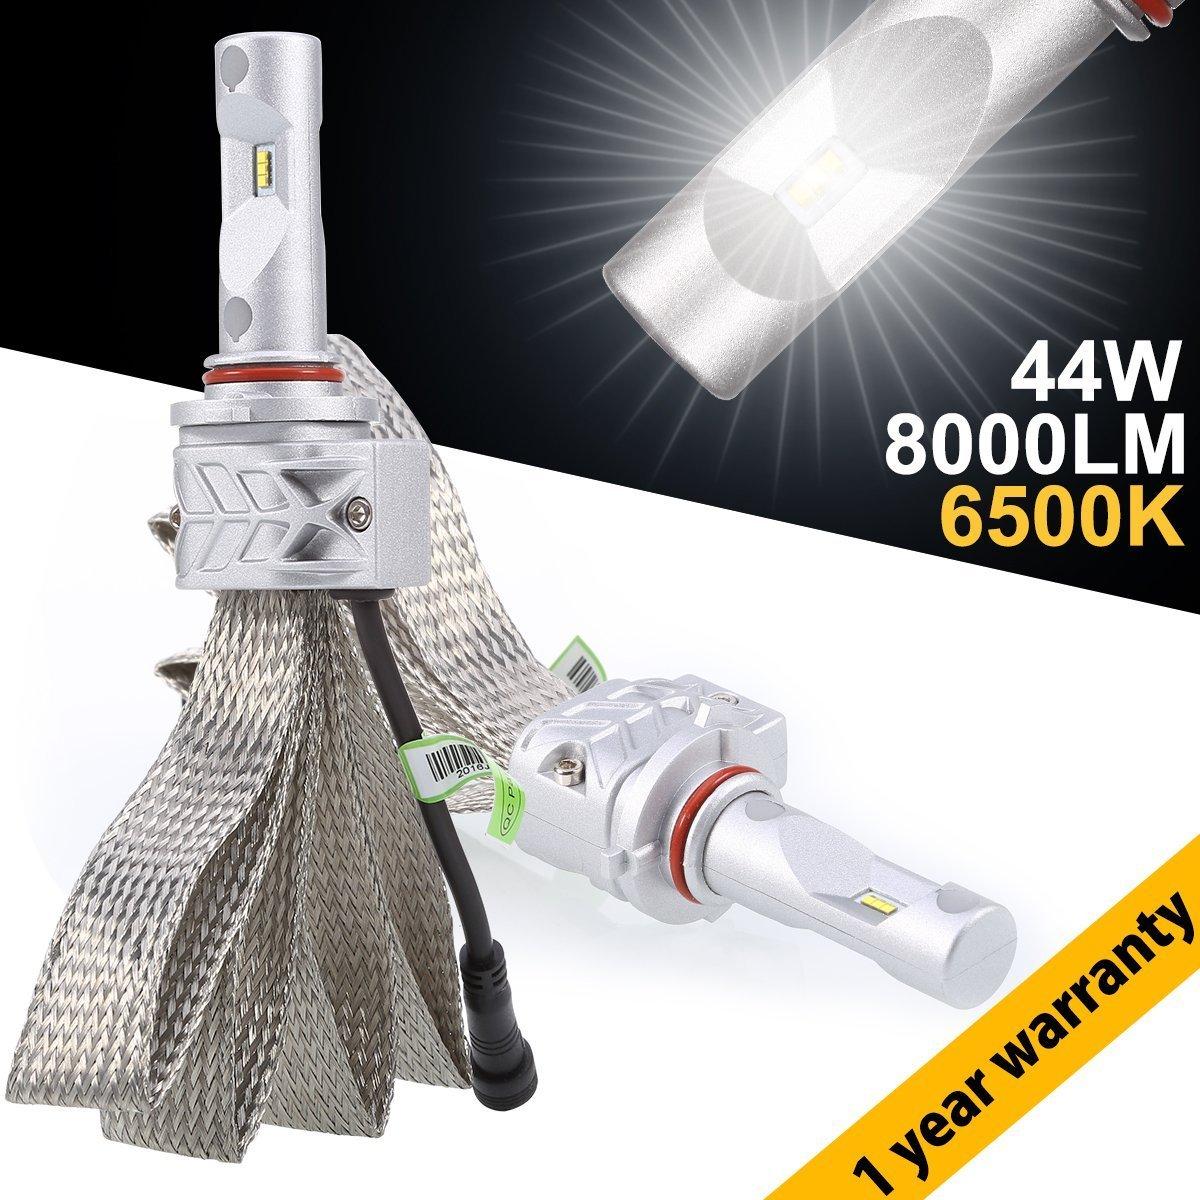 LED Faros Delanteros GreenClick 2pcs H7 LED Bombillas para Coche Impermeable IP65 6500K - 3 Años de Garantía: Amazon.es: Deportes y aire libre